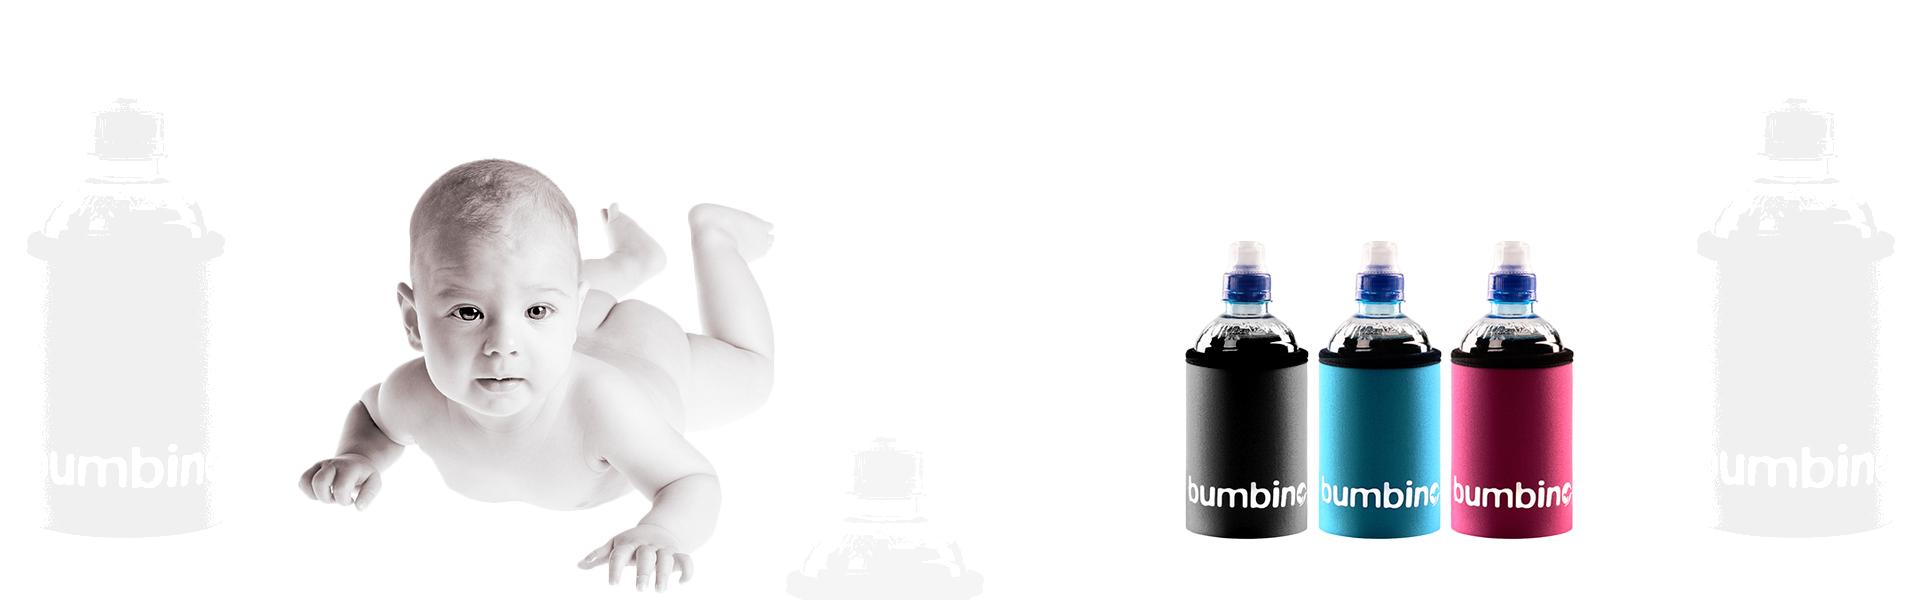 home-bumbino